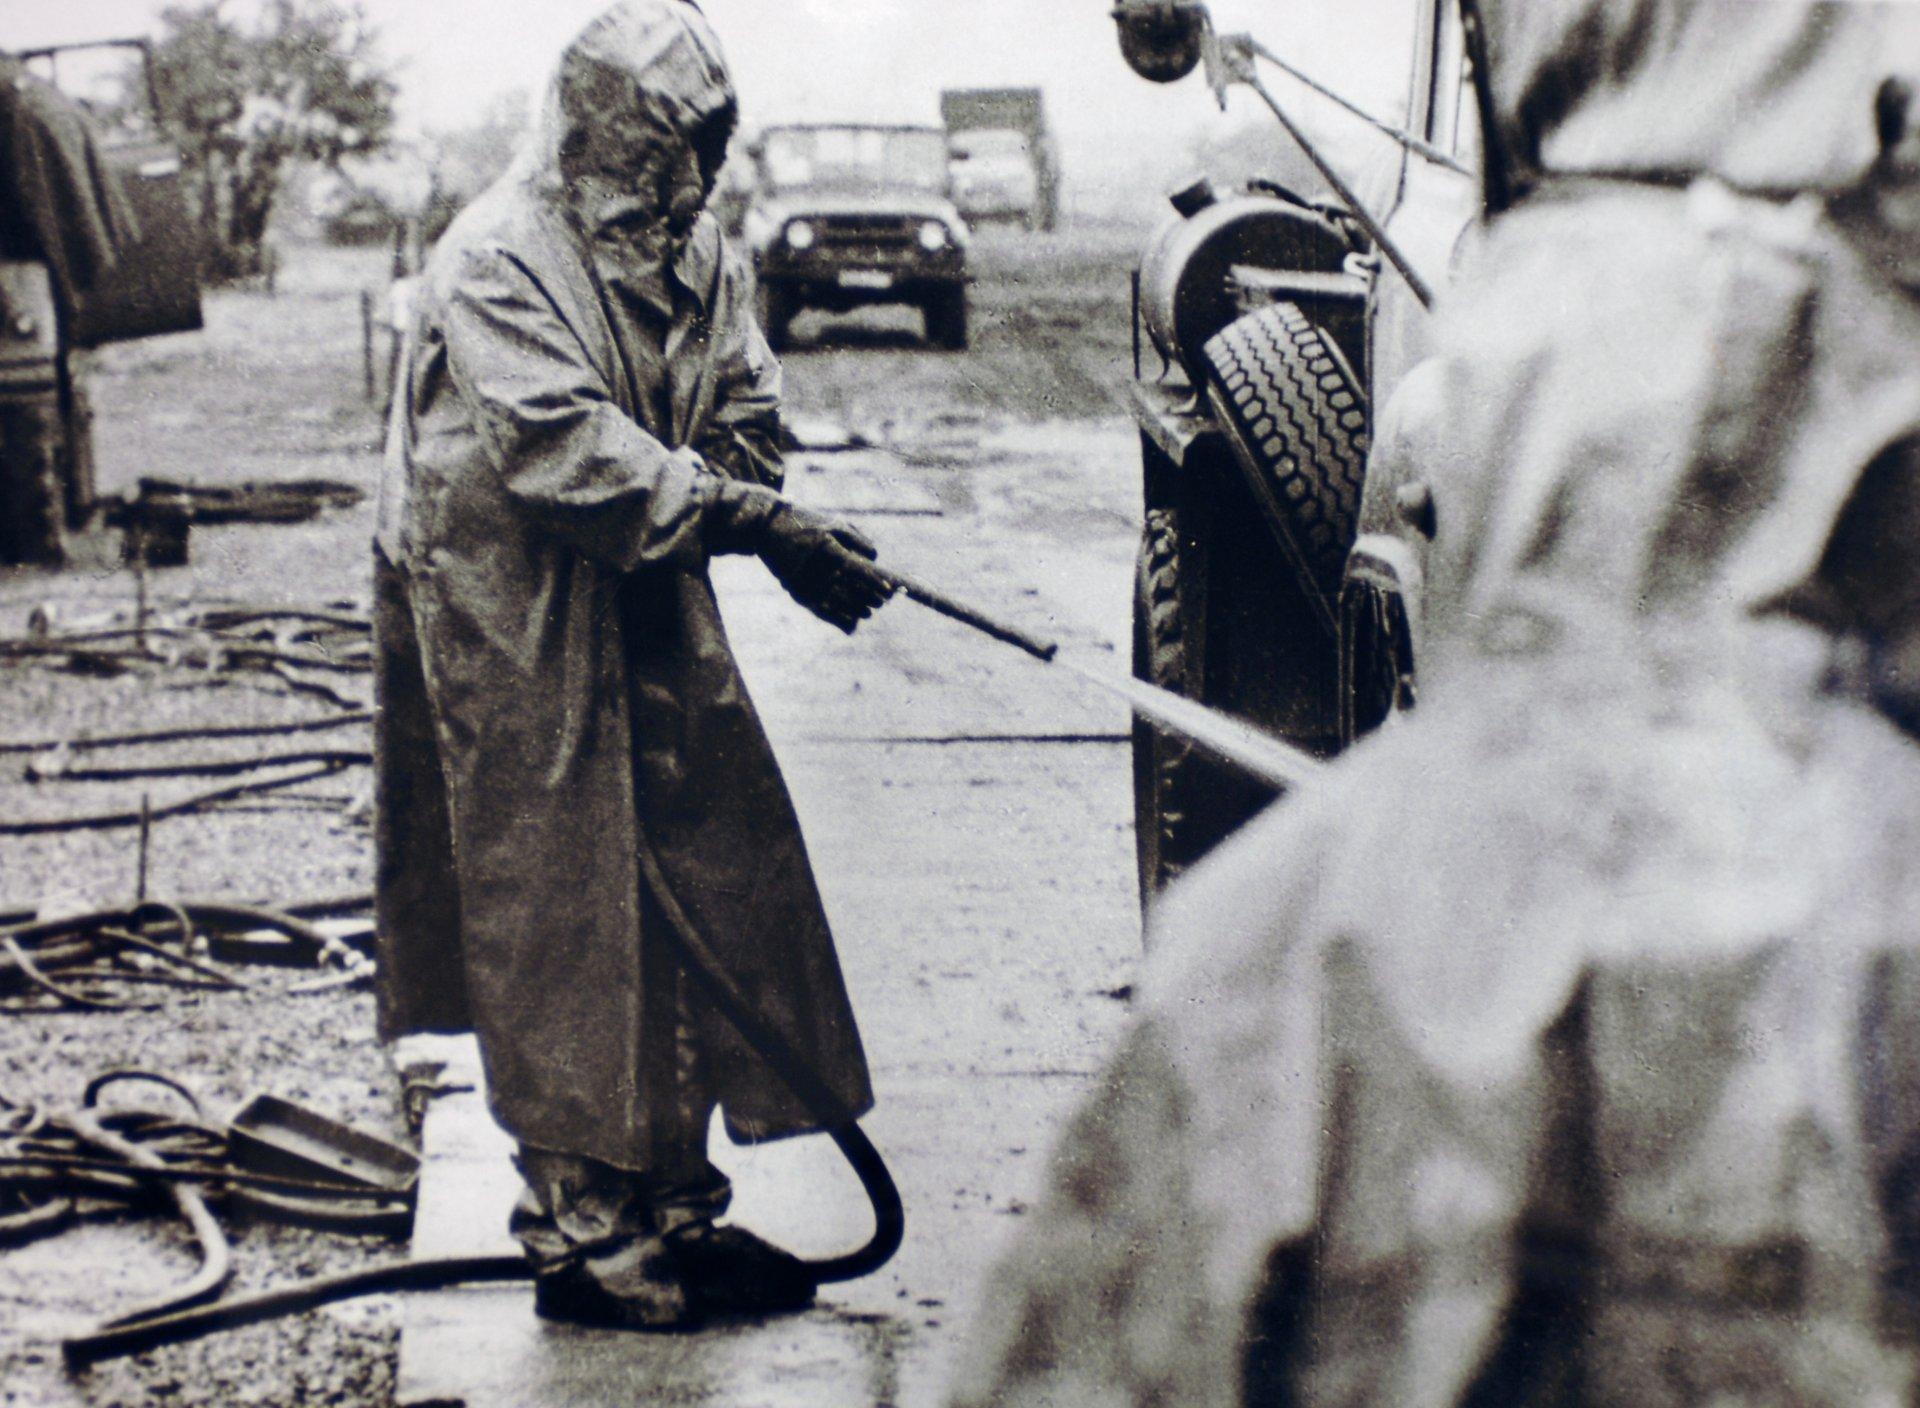 Сегодня костромичи вместе со всей страной вспоминают аварию на чернобыльской АЭС